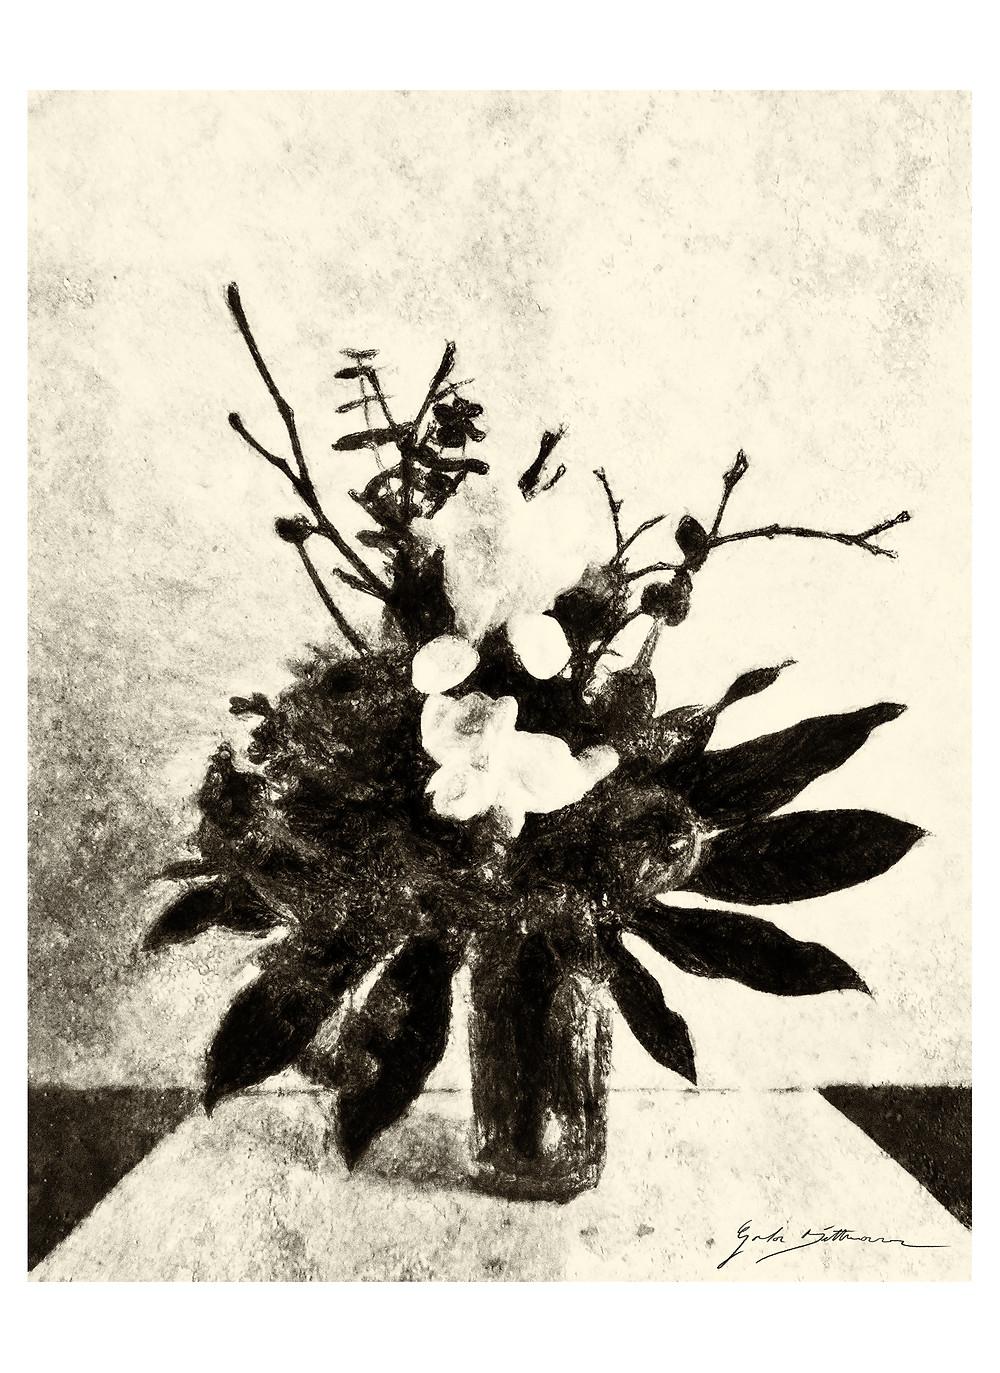 Bouquet © Gala Dittmar 2020